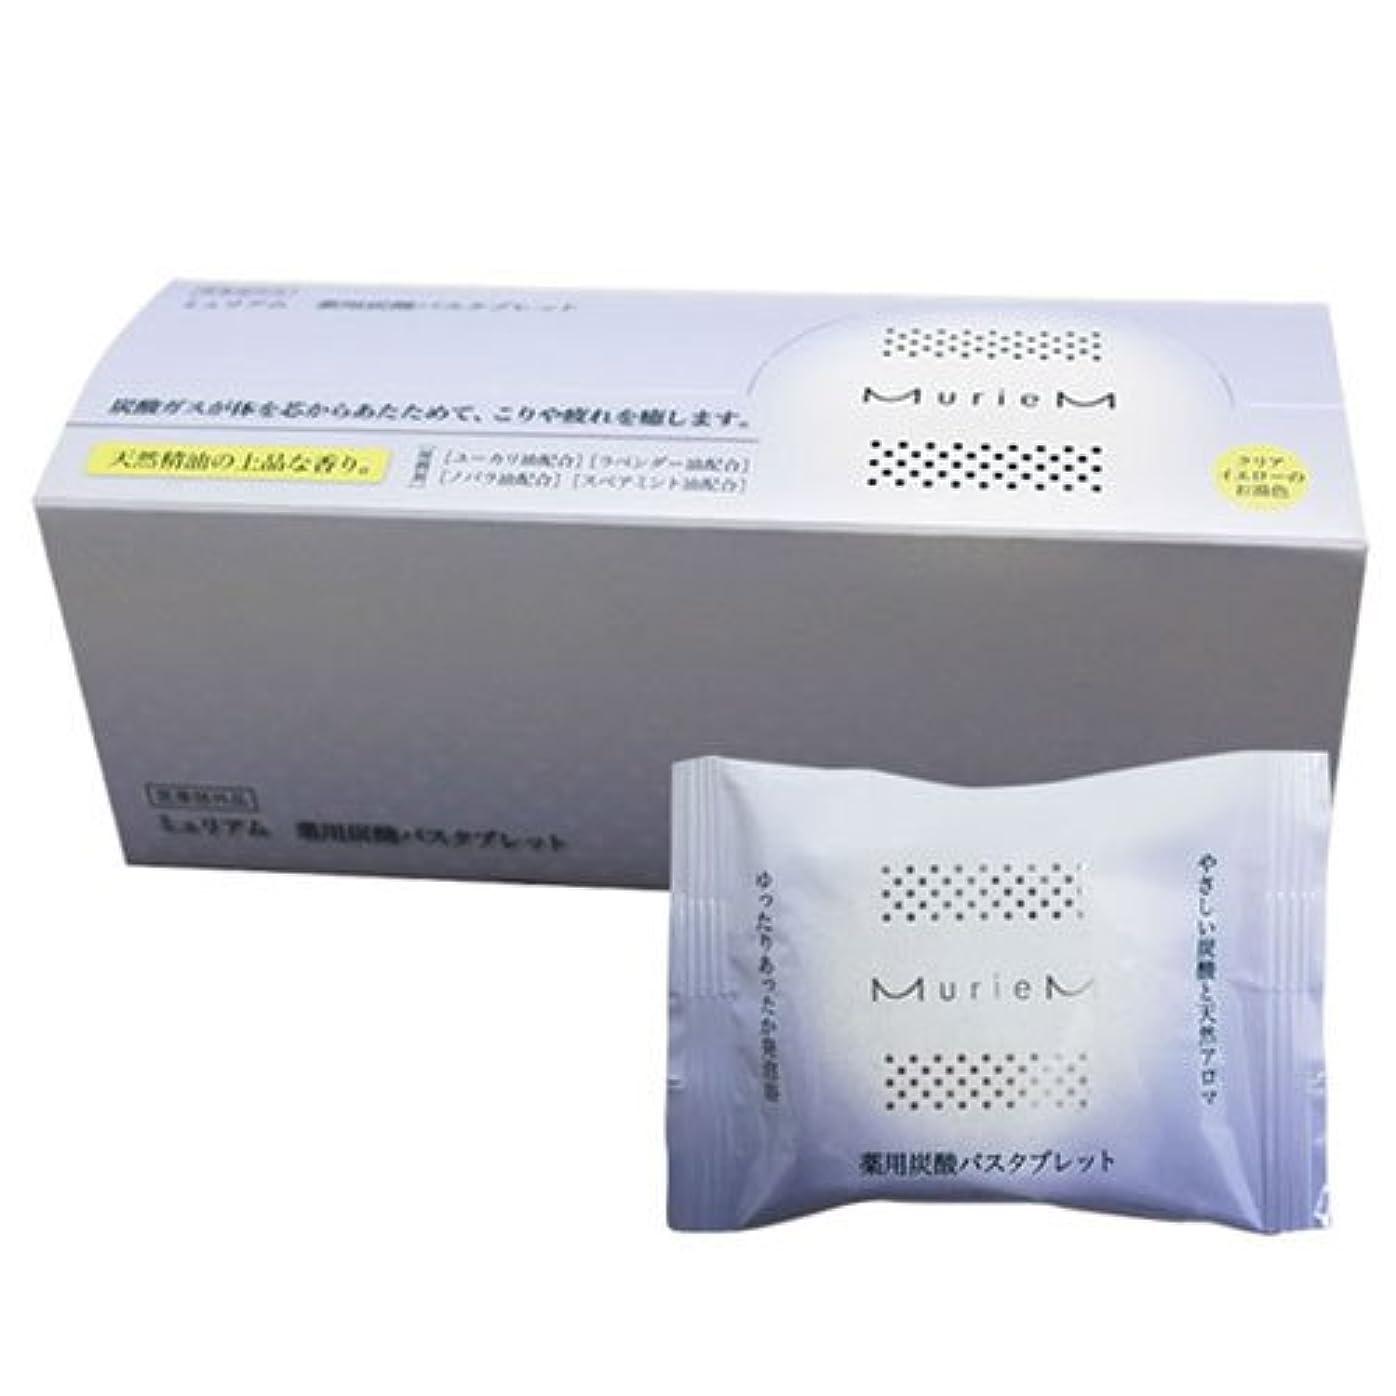 努力頻繁に出力ナンバースリー ミュリアム 薬用炭酸バスタブレット 30g×10包 [医薬部外品]